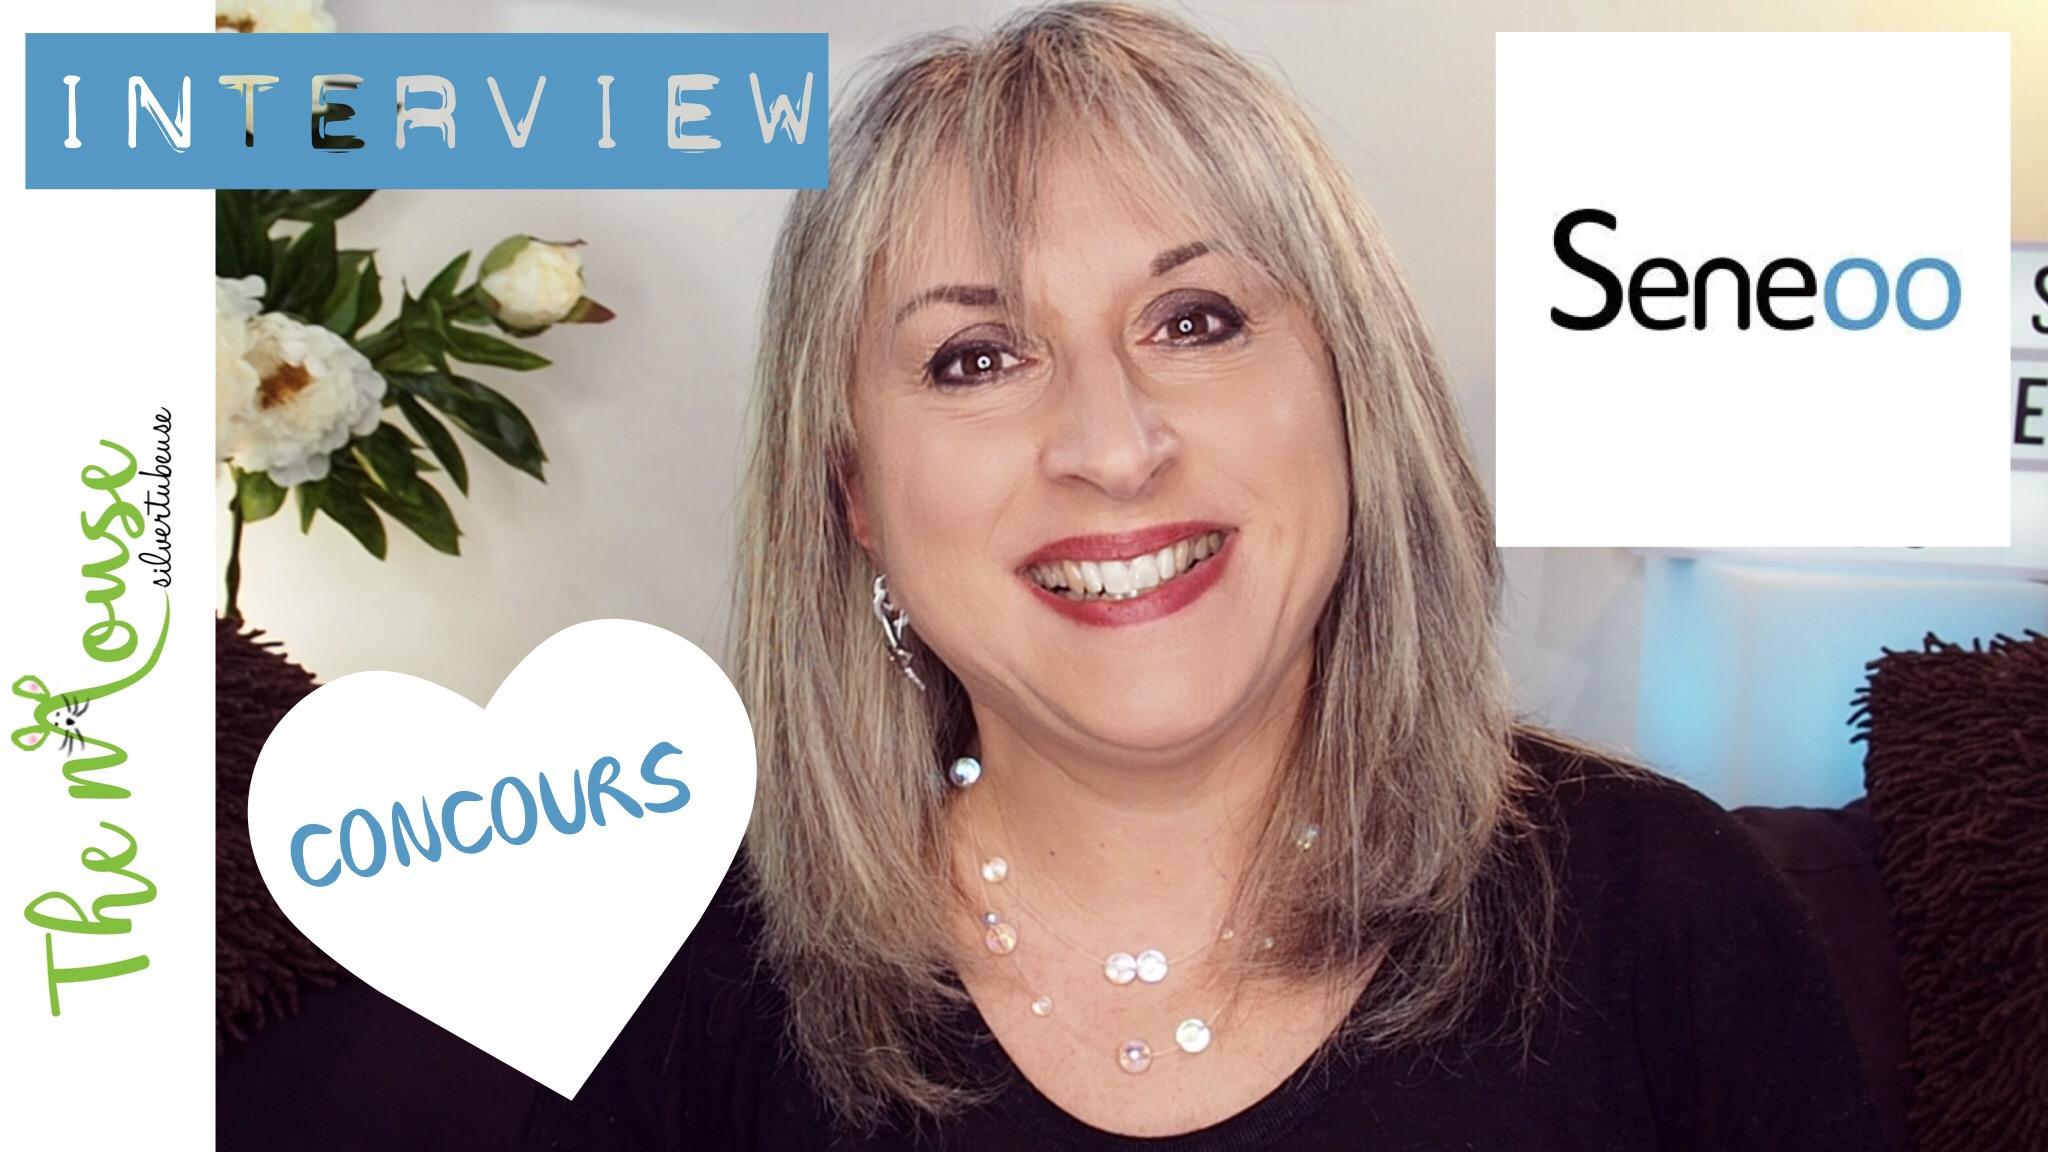 Les 7 questions du webzine Seneoo (Interview) [concours inside]